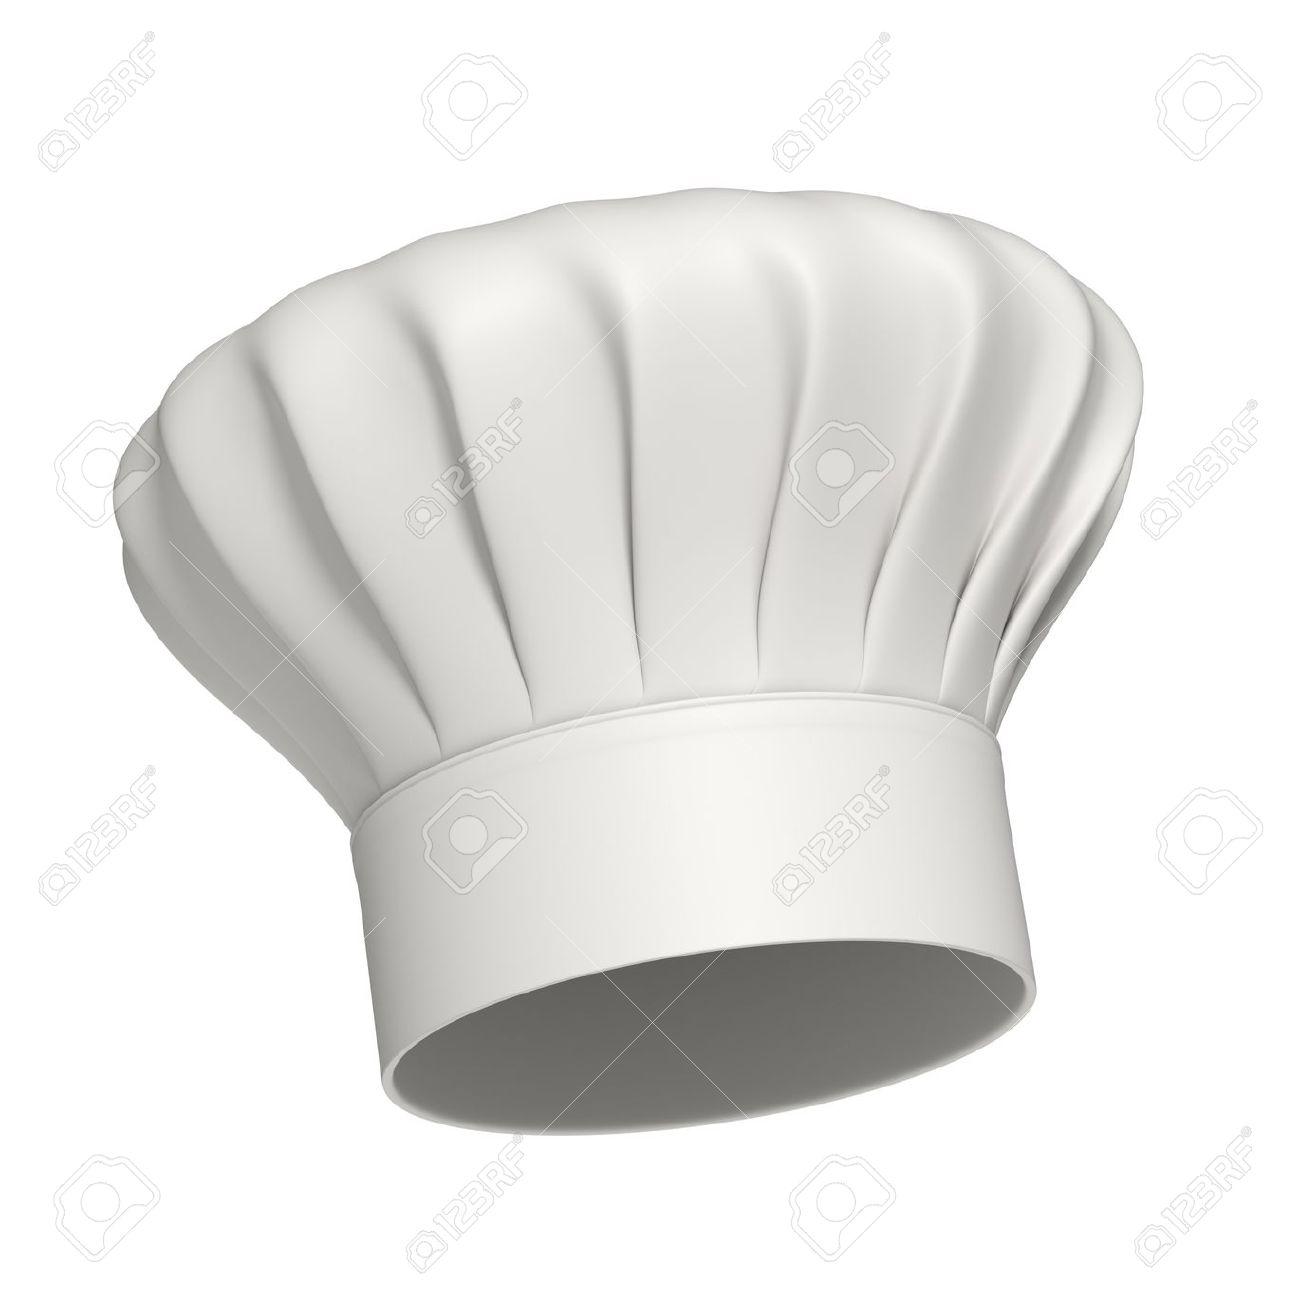 Gorros De Cocina | 3d Rindio Blanco Gorro De Cocinero Aislados En Fondo Blanco De